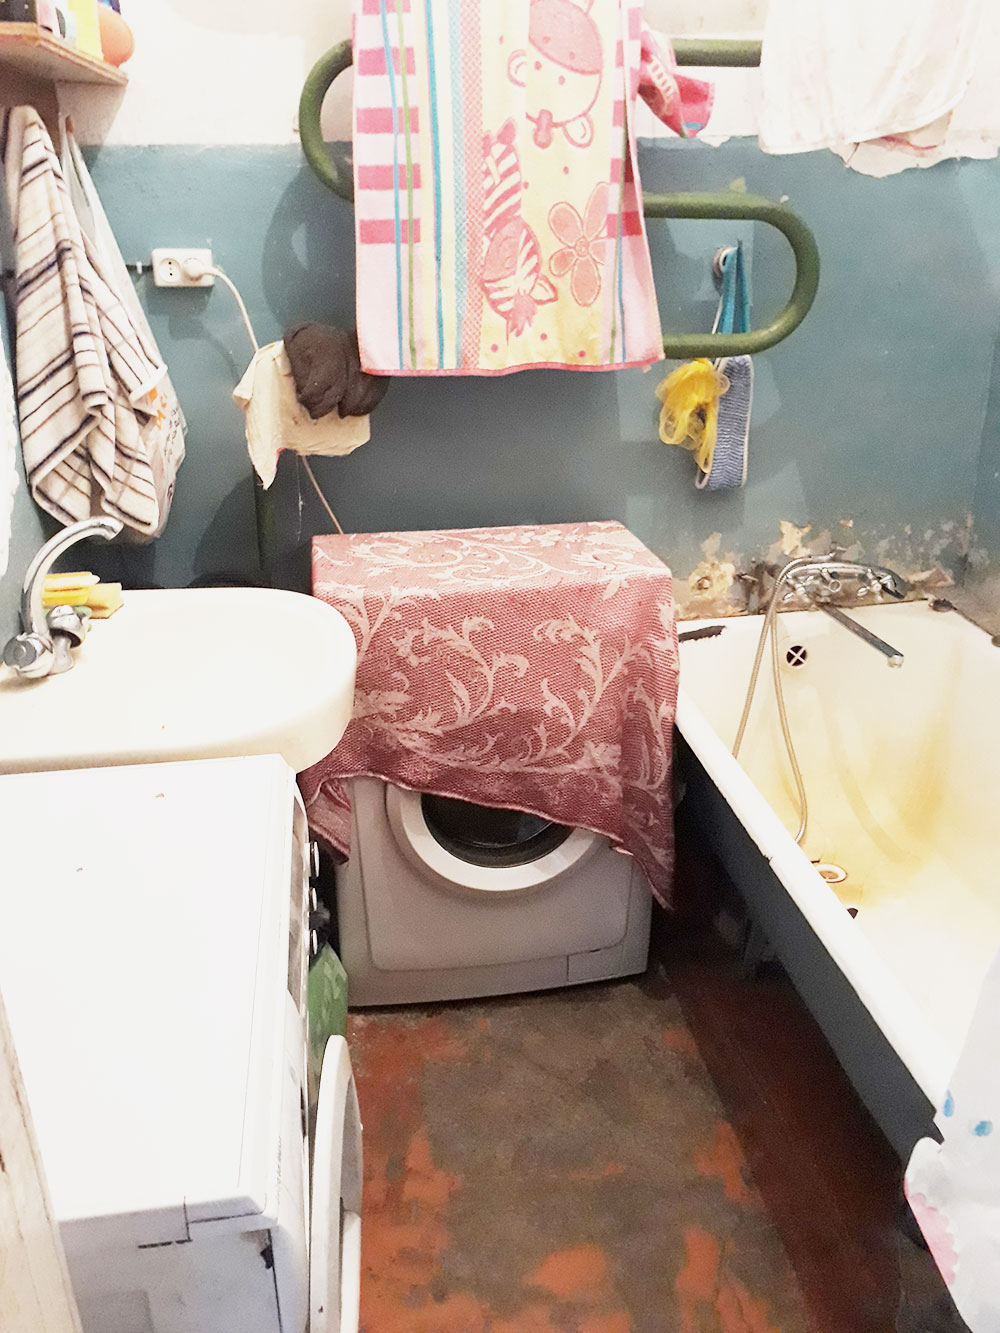 В ванной у нас стояла стиральная машина, как и у соседей из комнаты №3. Женщина из комнаты №2 стирала руками